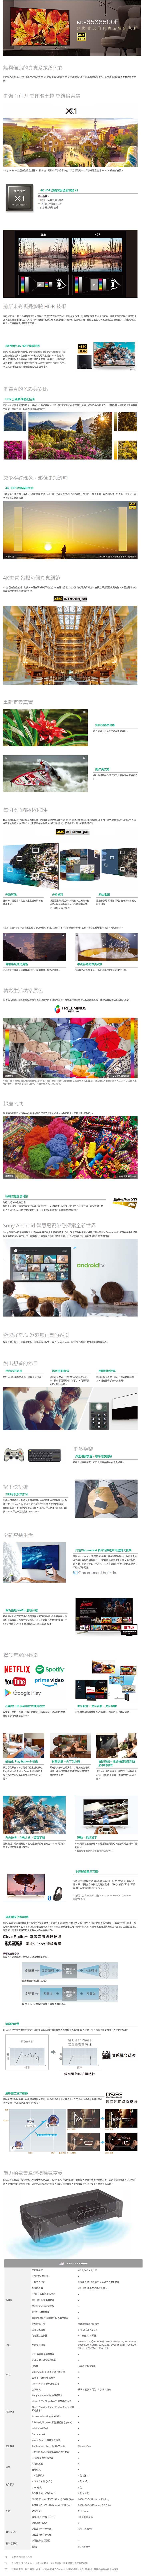 SONY_KD-65X8500F_spec.jpg